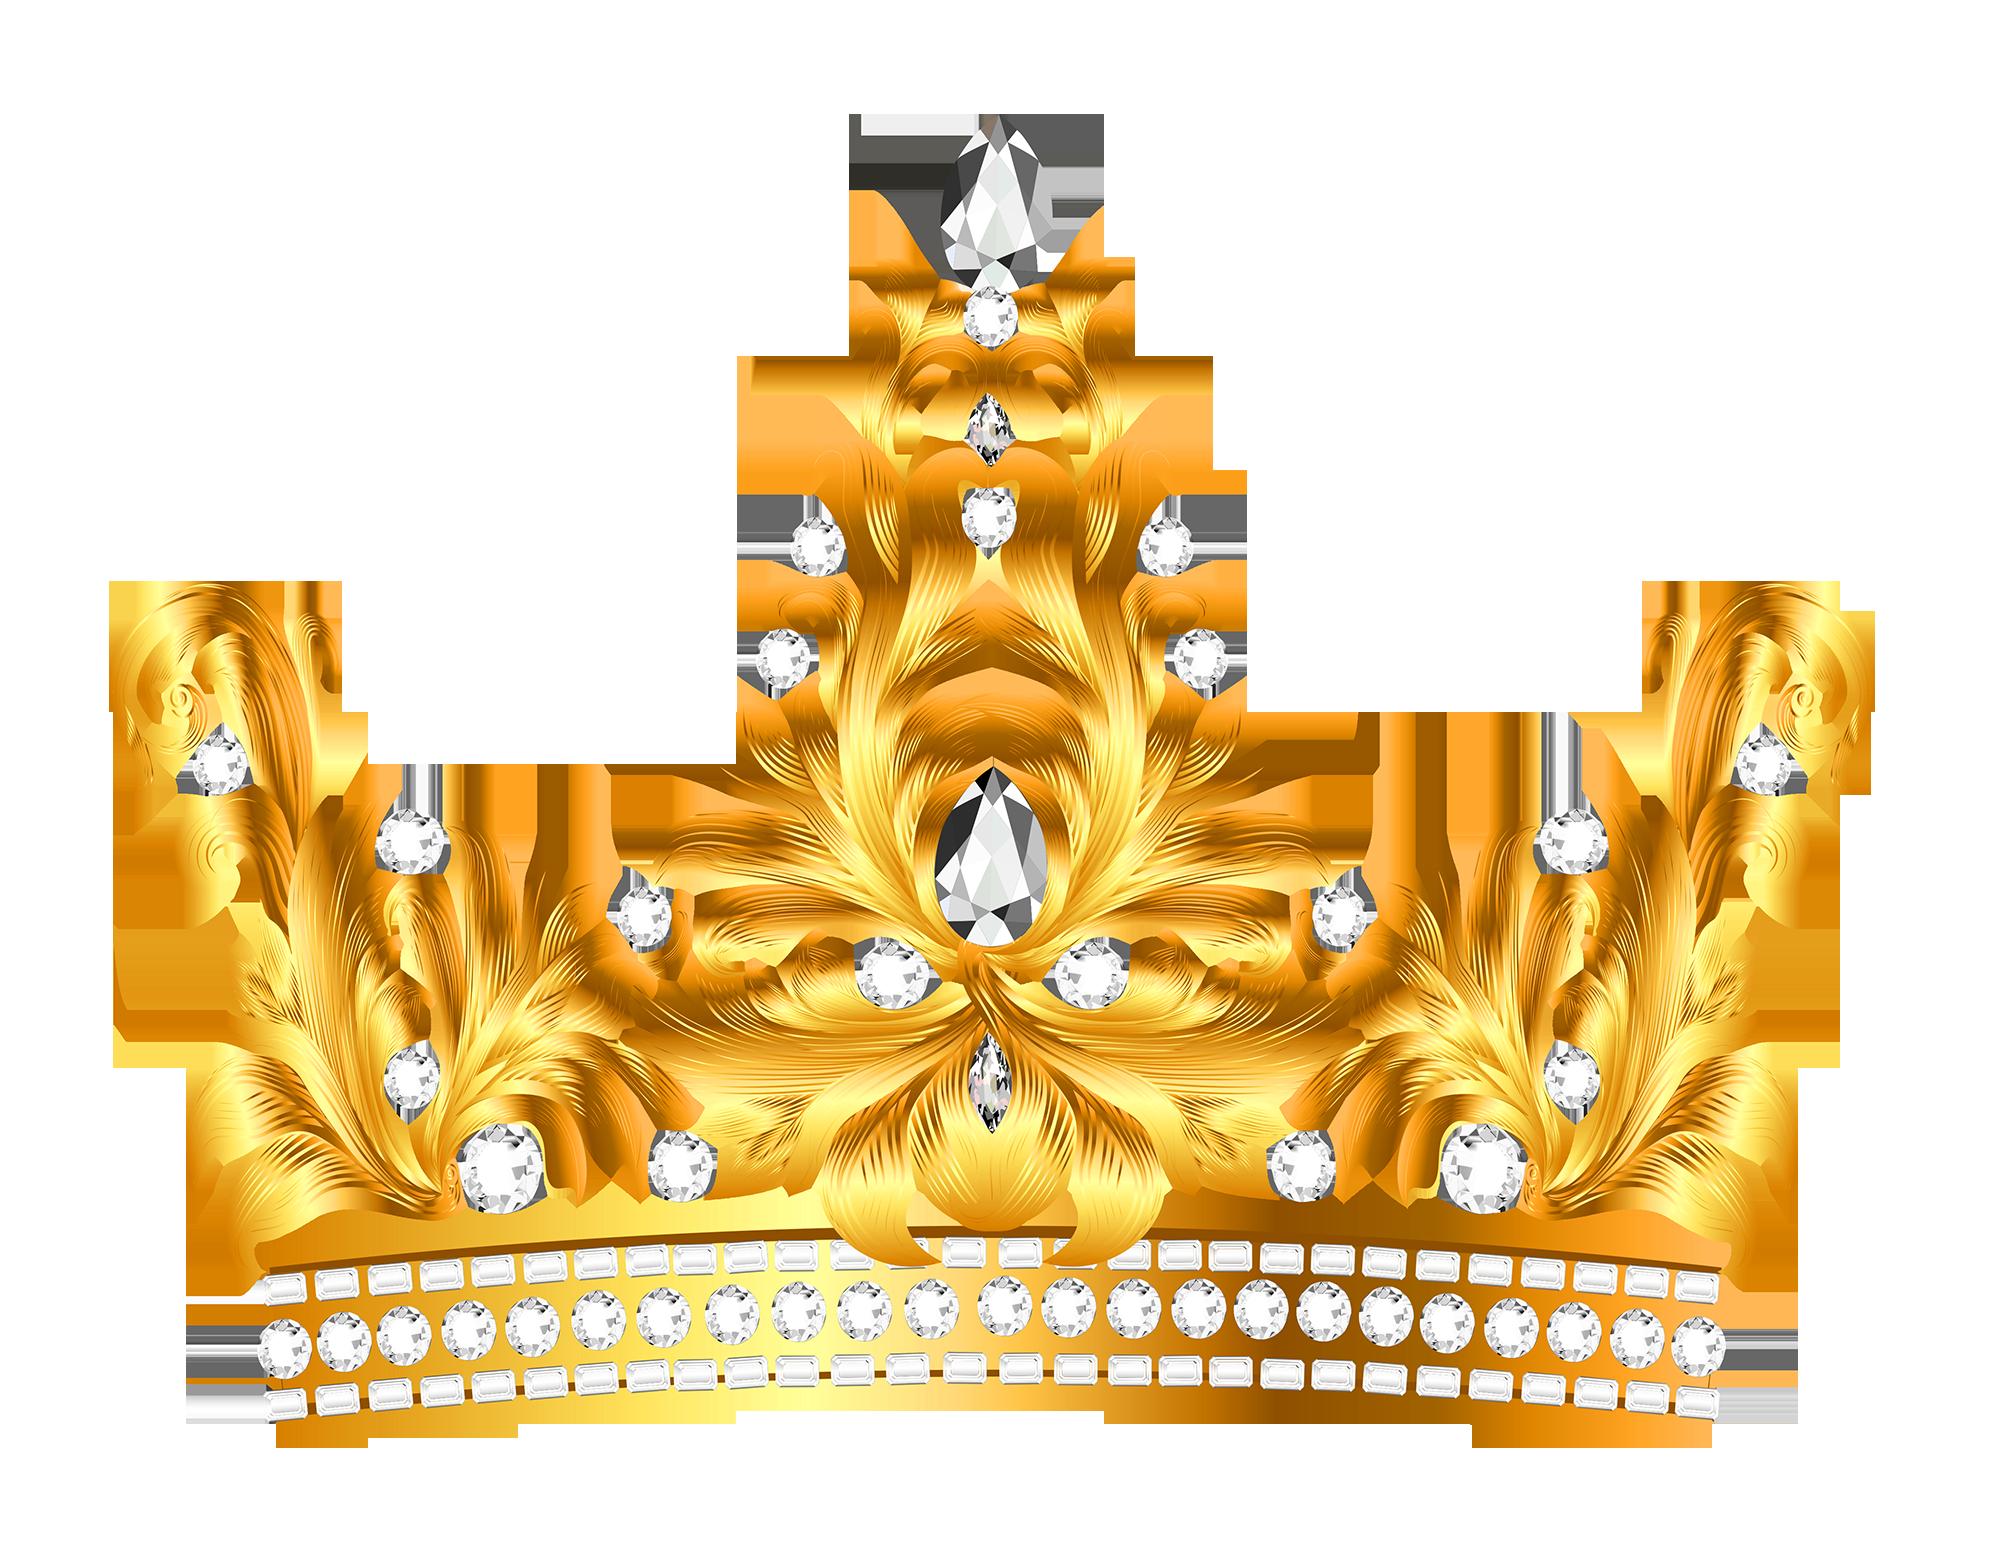 Фото картинки, картинки корона на прозрачном фоне